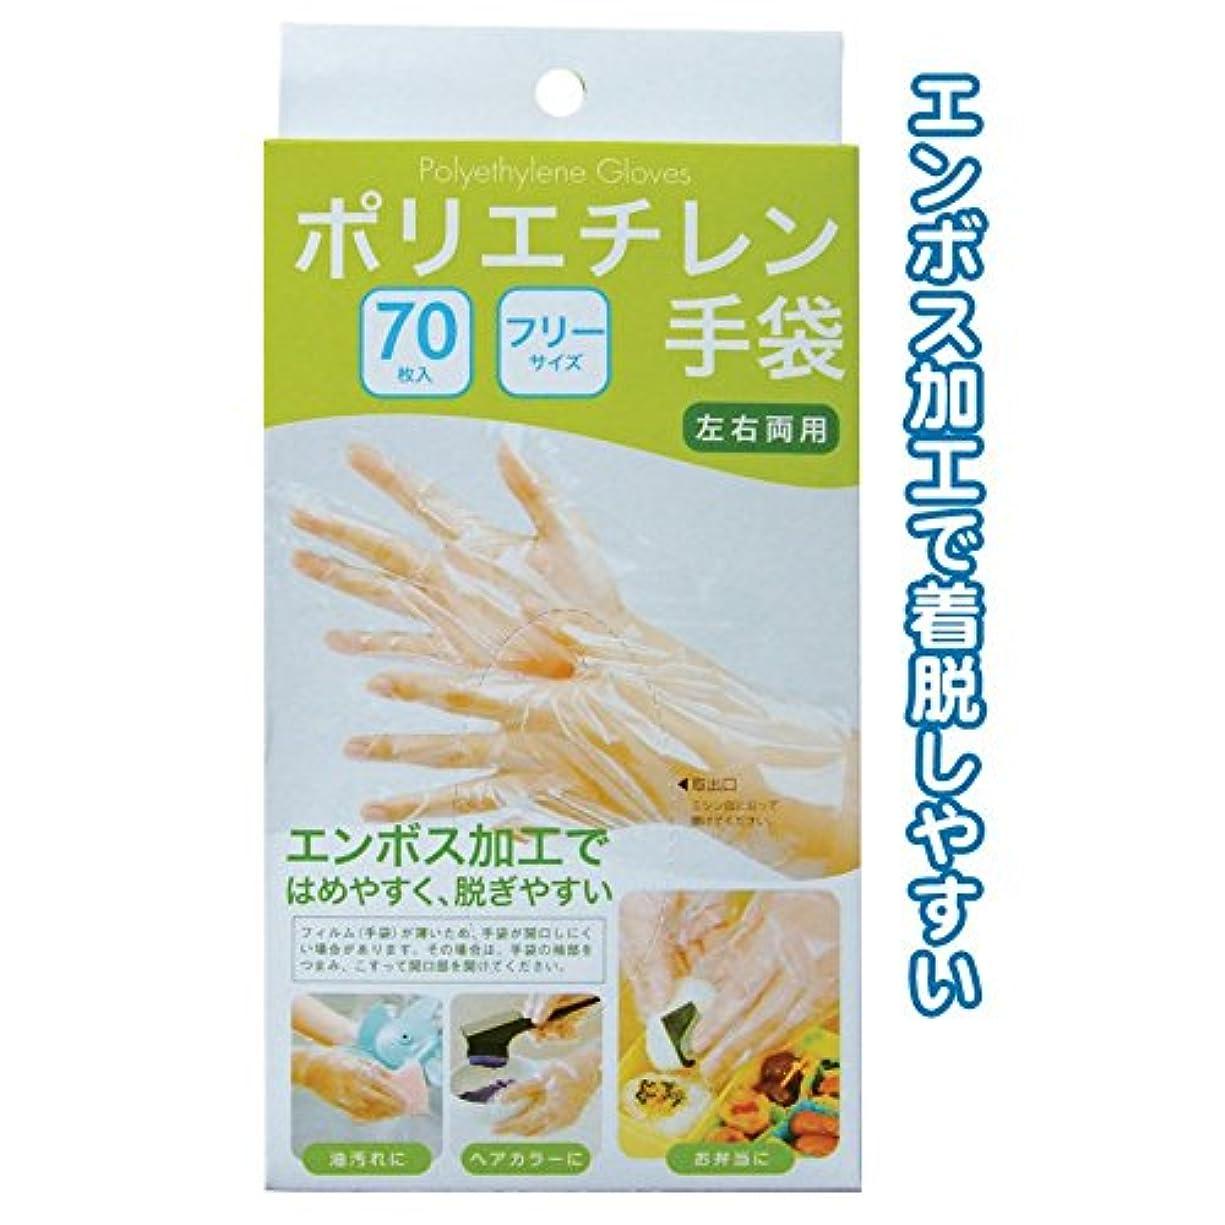 カップ現在杭ダンロップ 使い捨てポリエチレン手袋70枚入BOX 【まとめ買い10個セット】 45-675